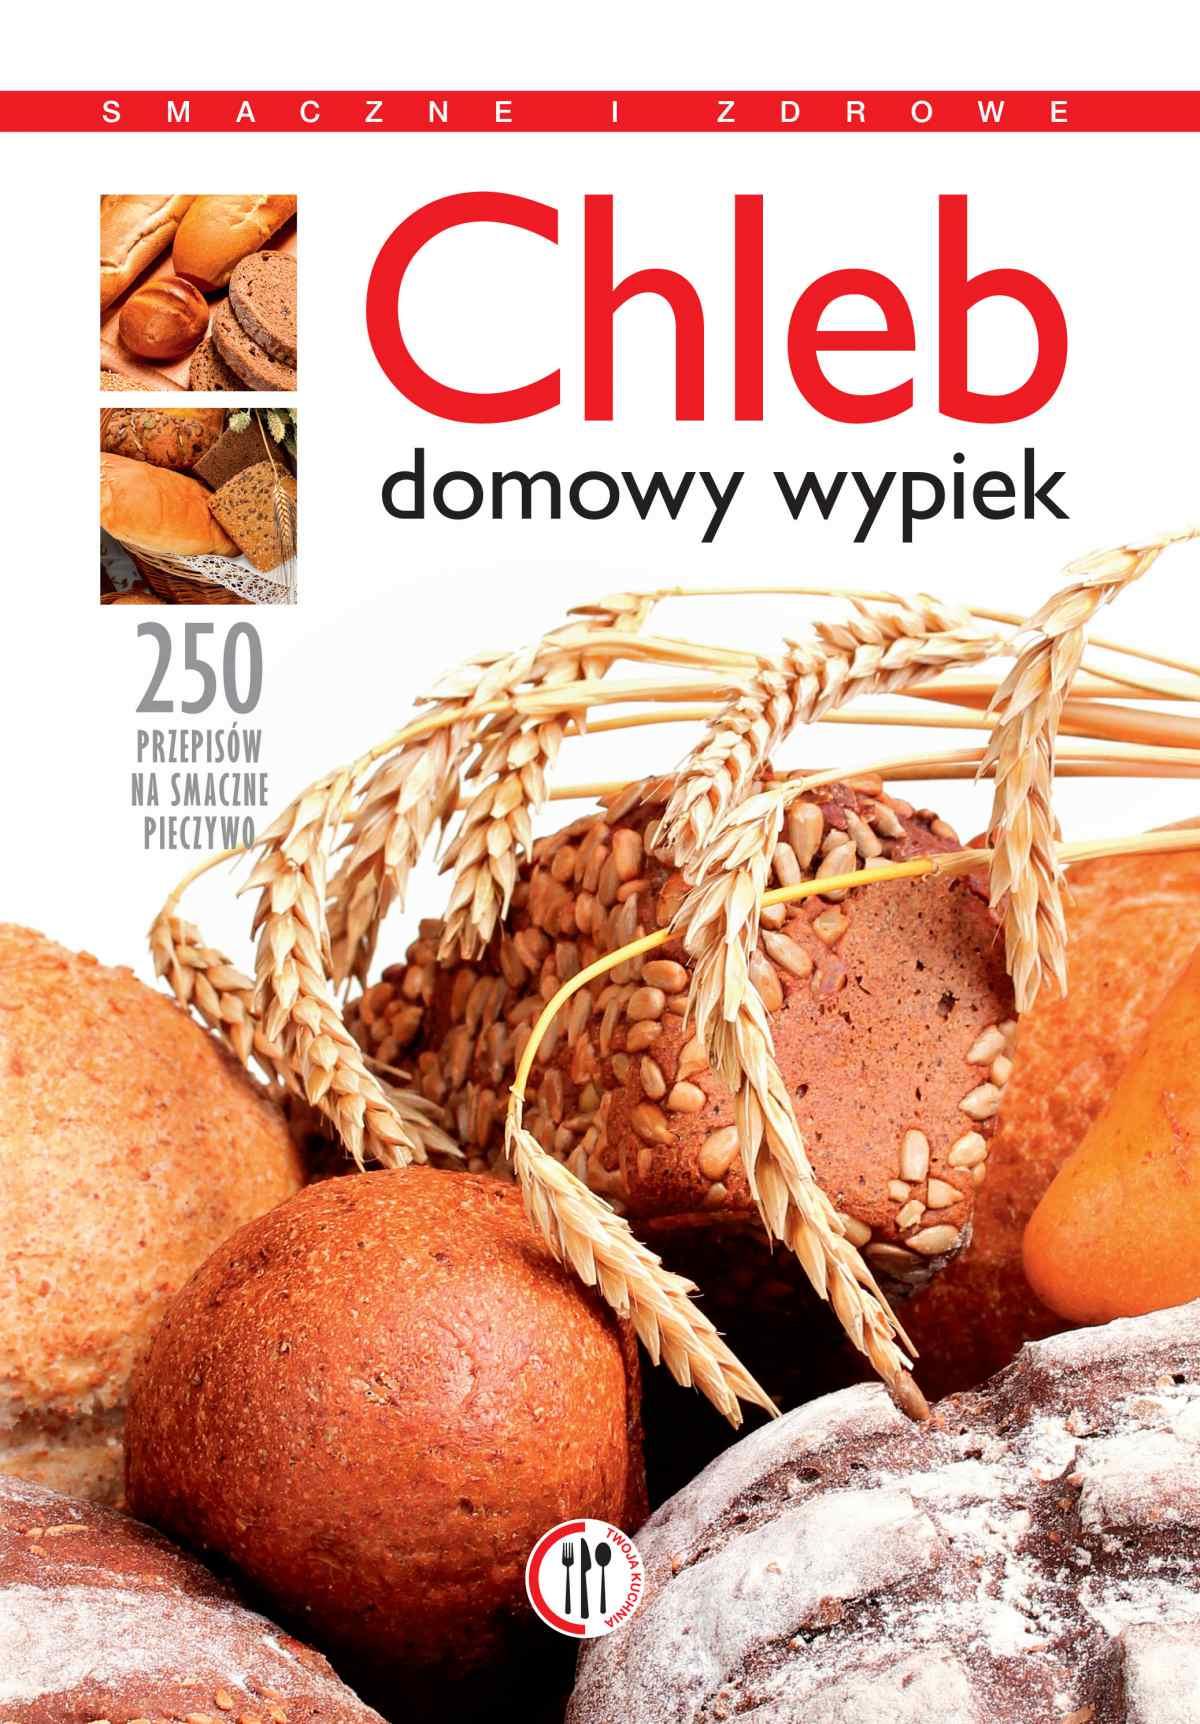 Chleb. Domowy wypiek. 250 przepisów na smaczne pieczywo - Ebook (Książka PDF) do pobrania w formacie PDF